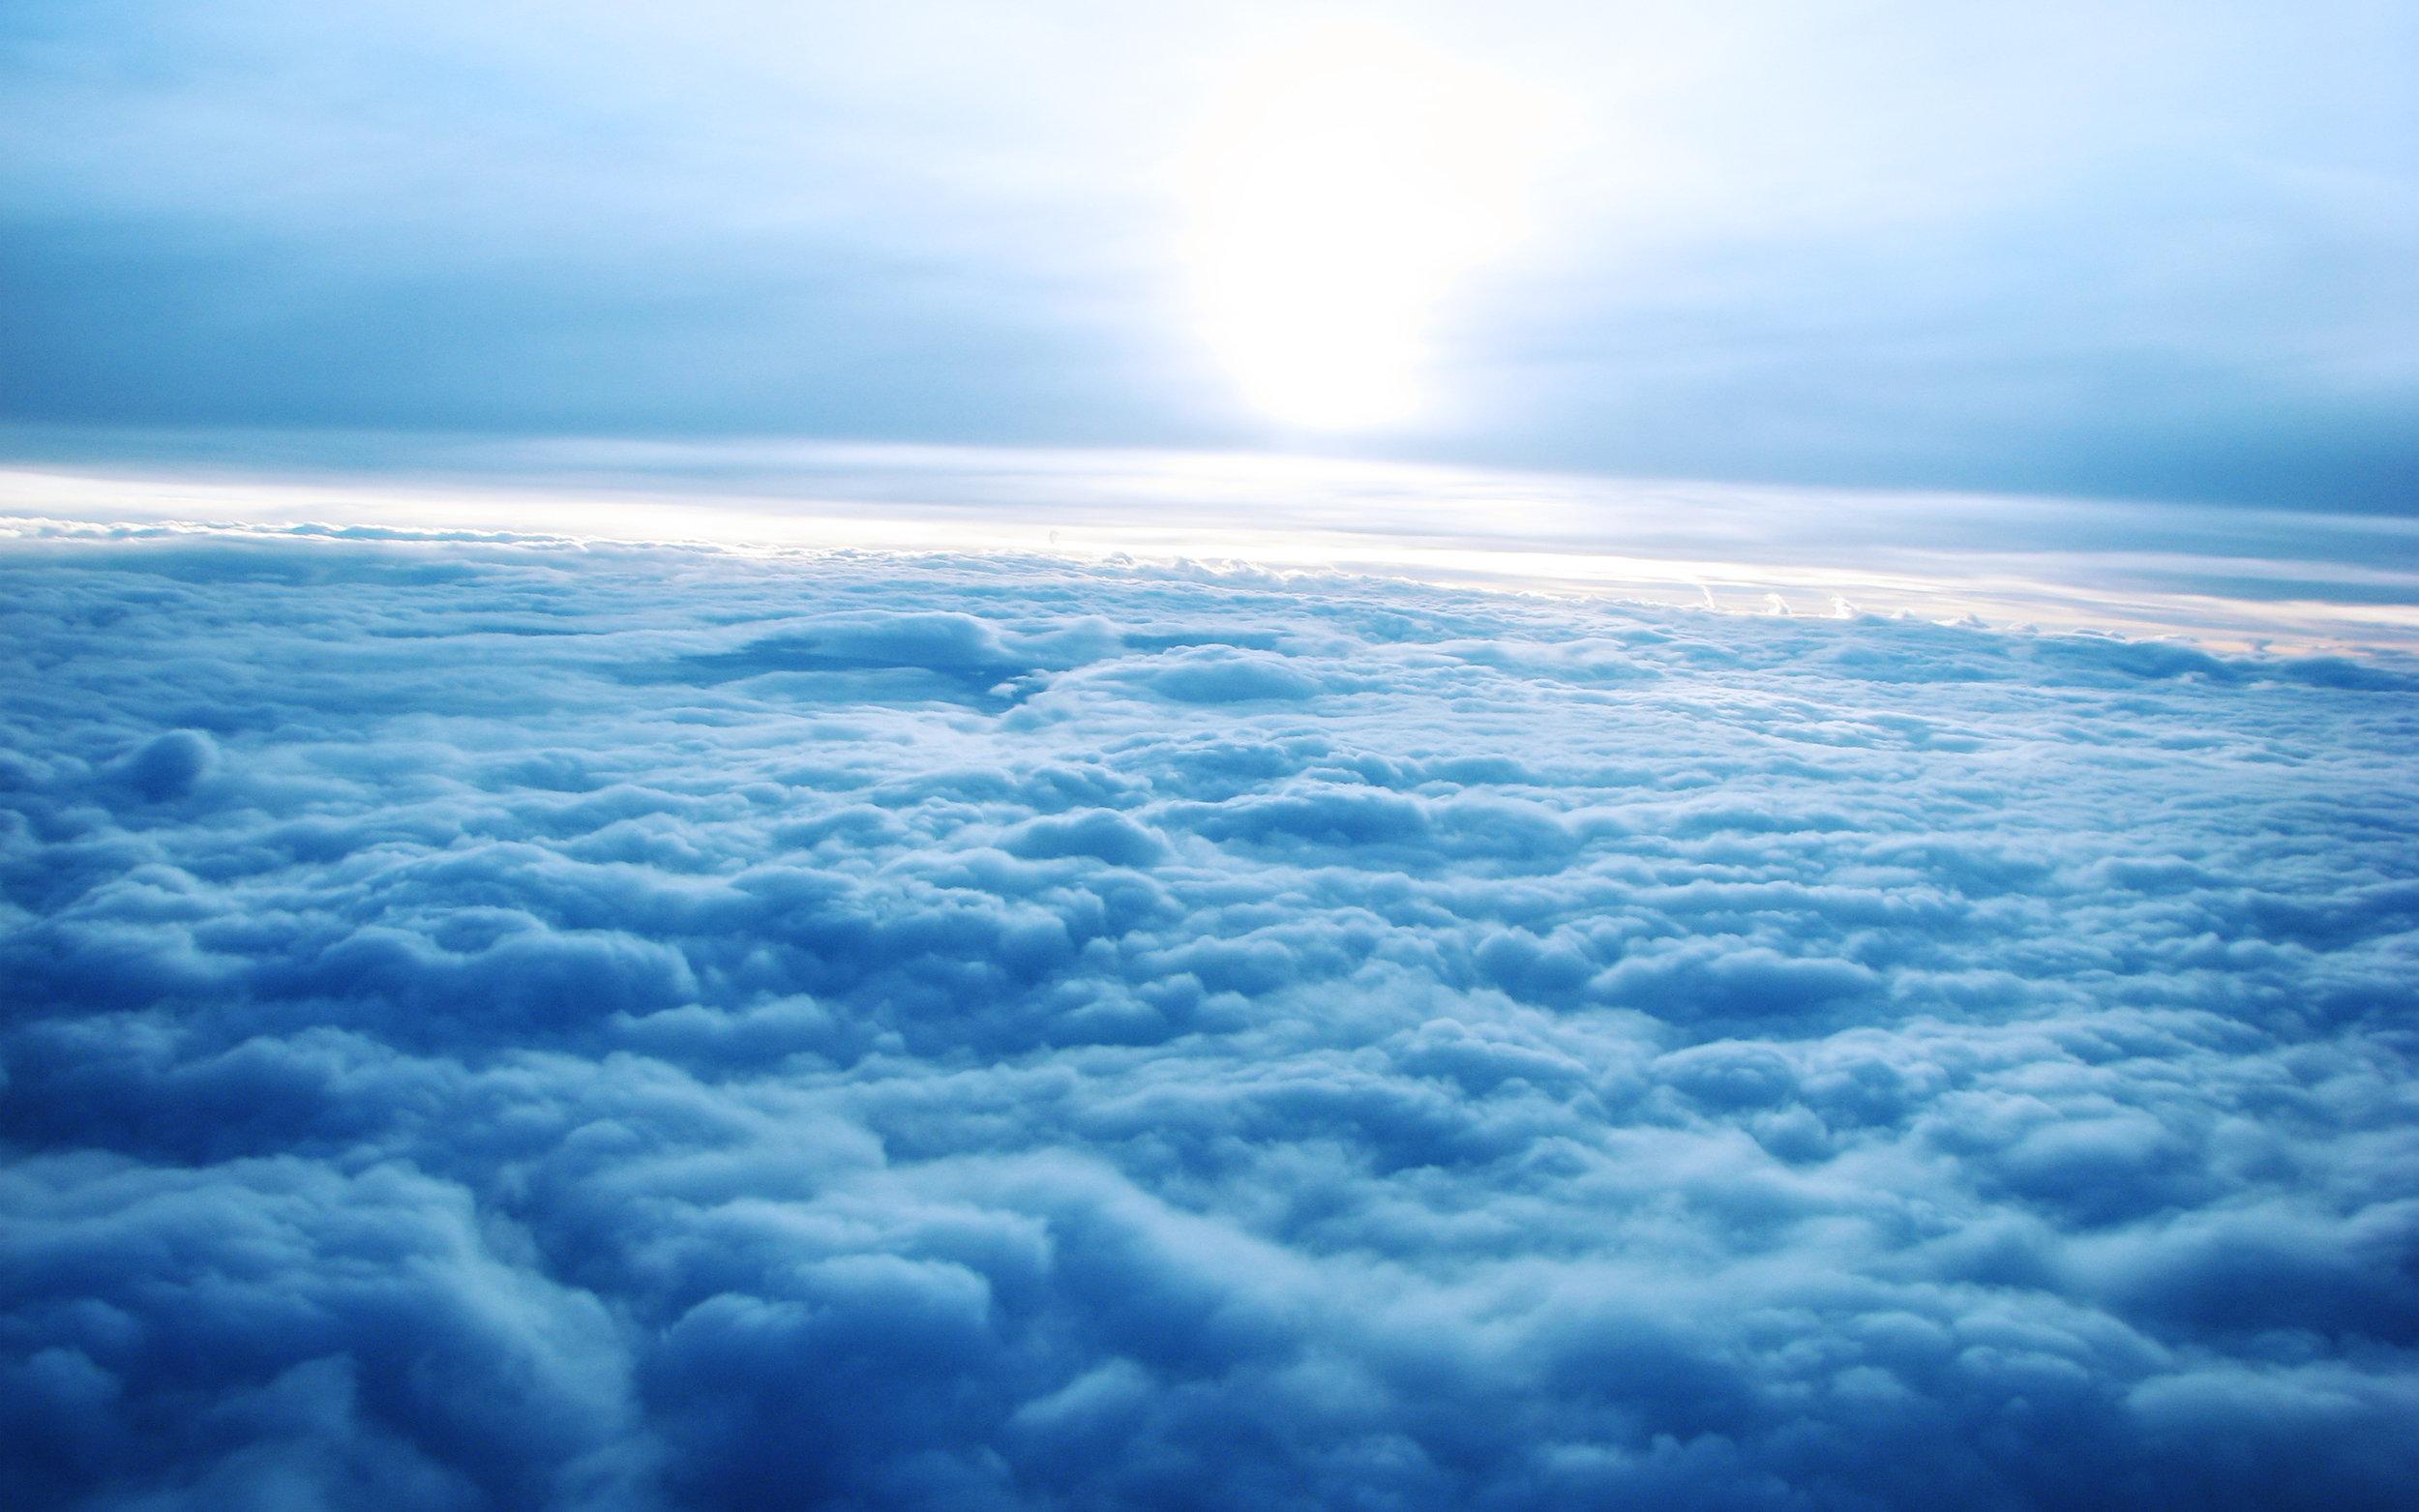 39162-business-sky-sunlight-daytime-design-2560x1600.jpg